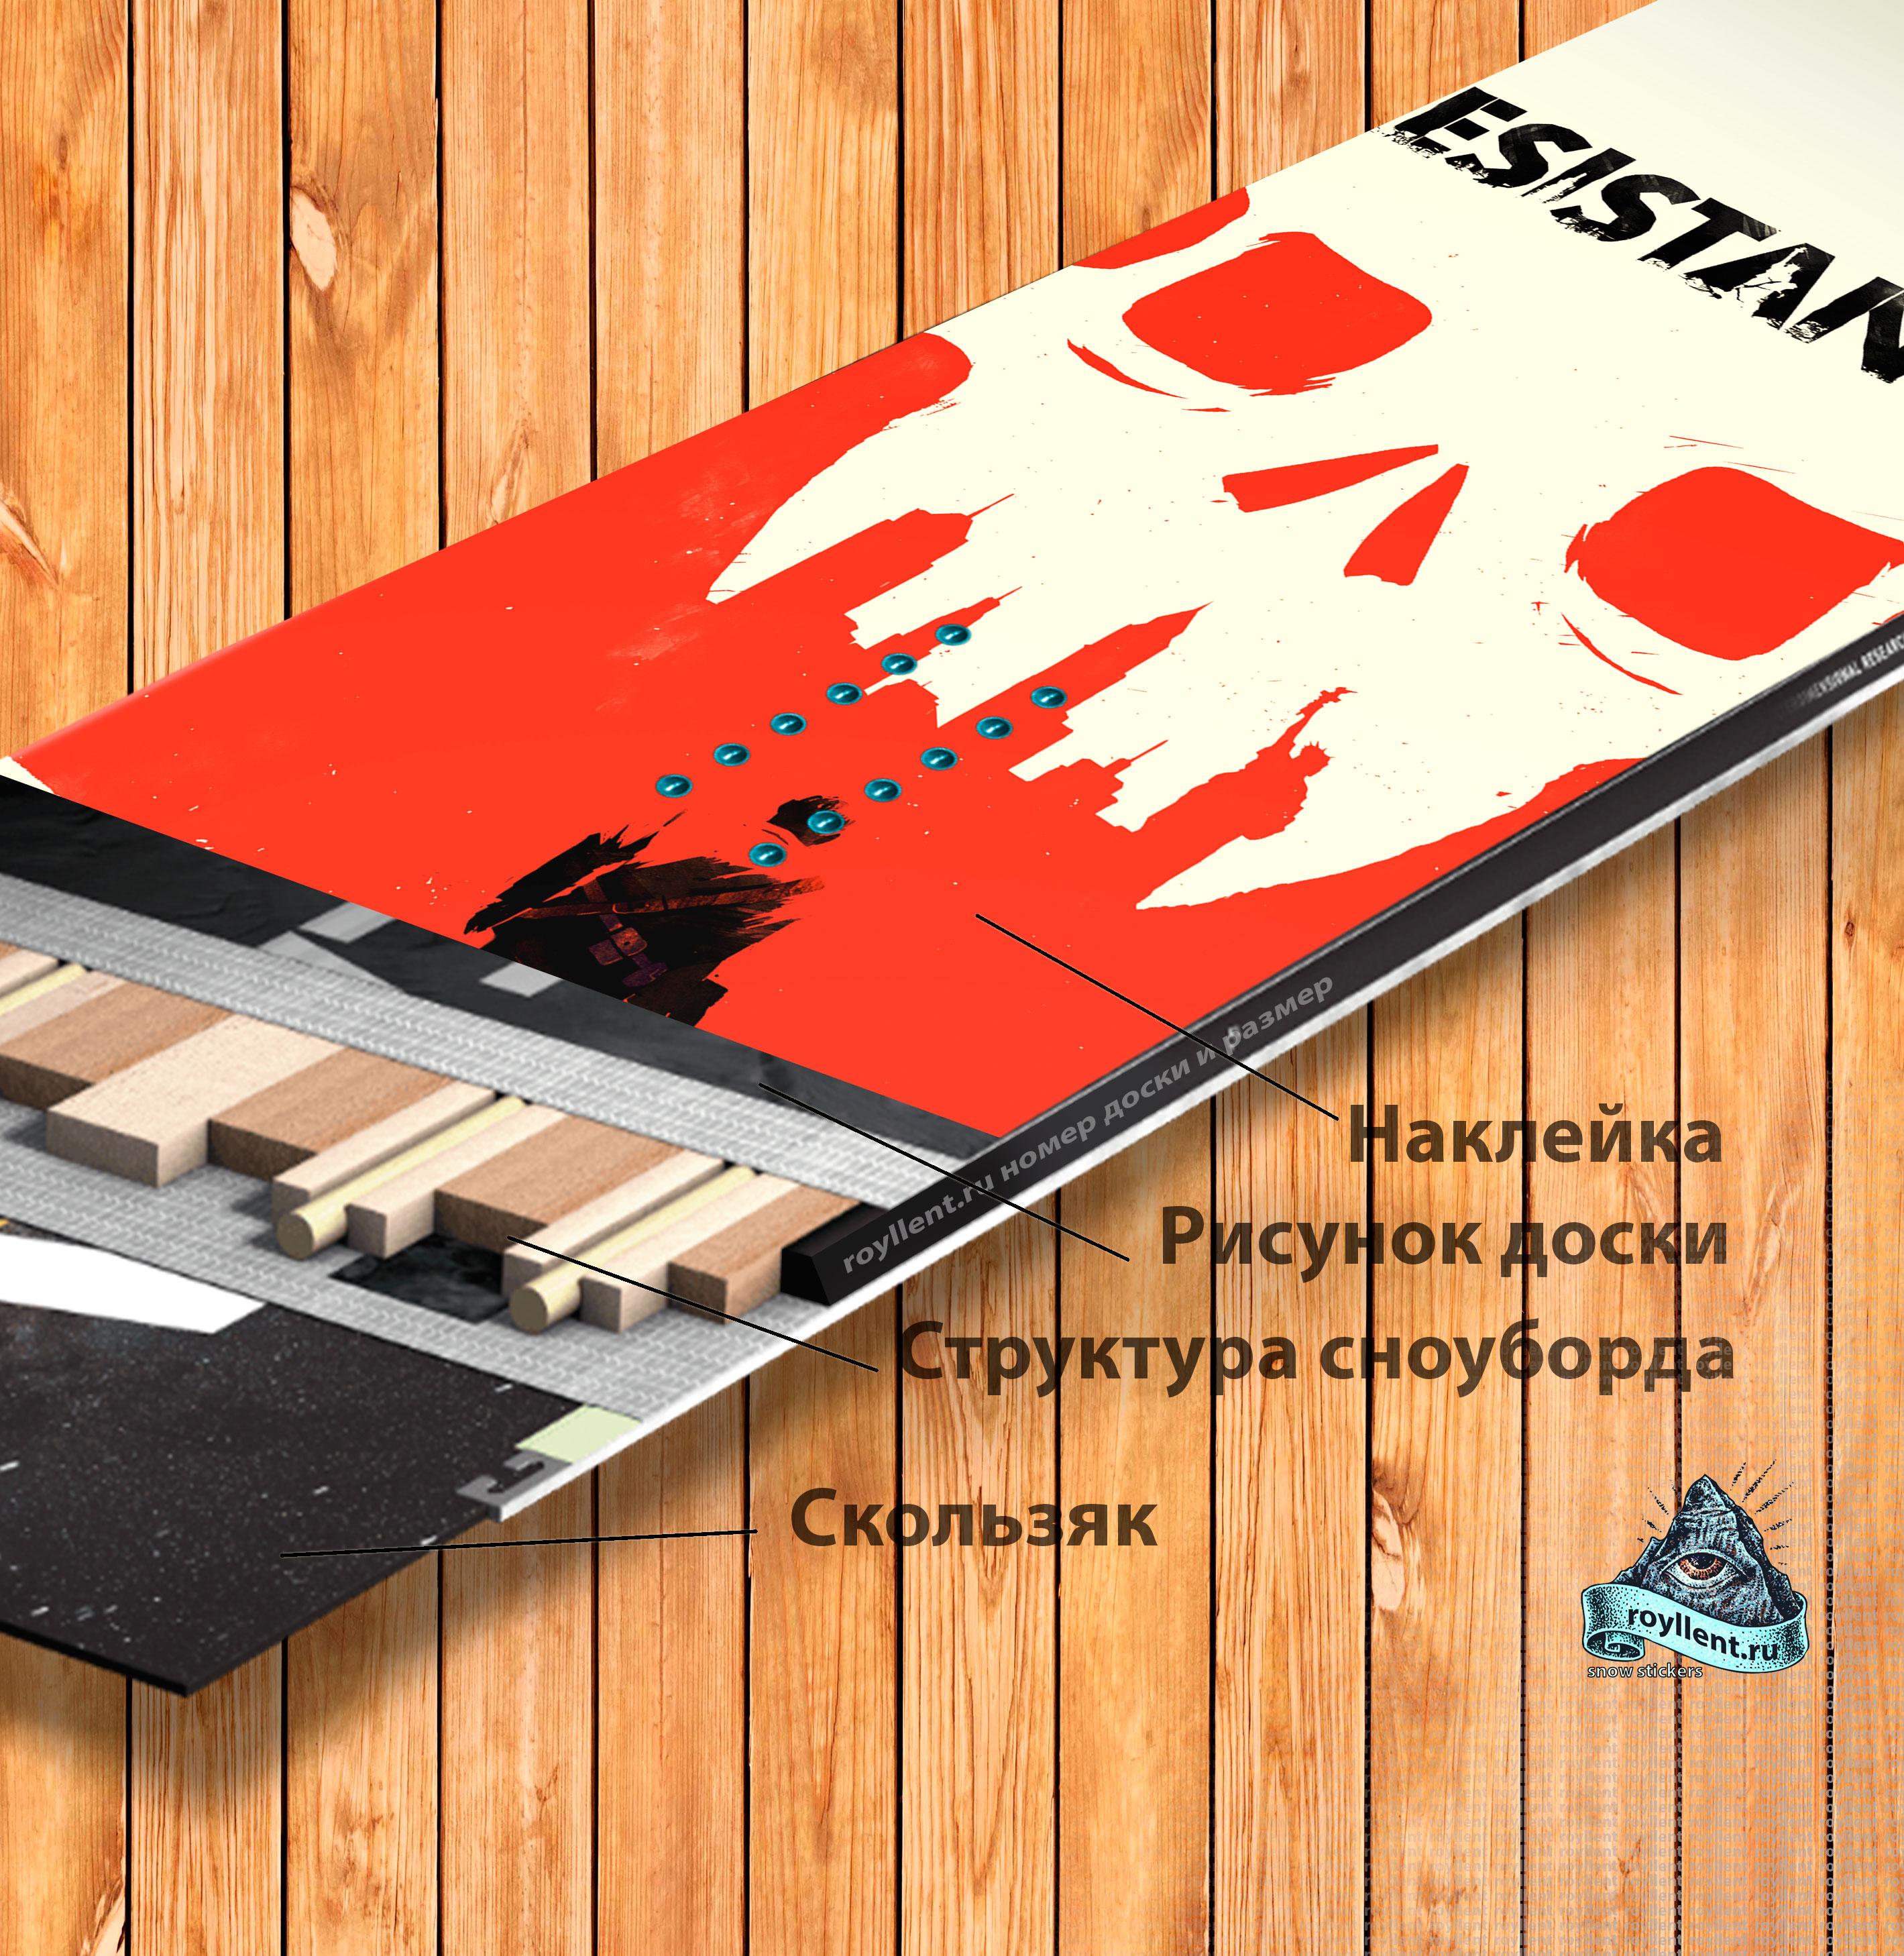 Купить в Сочи или Екатеренбурге сноуборд виниловую наклейку полноразмерную Resistance 3